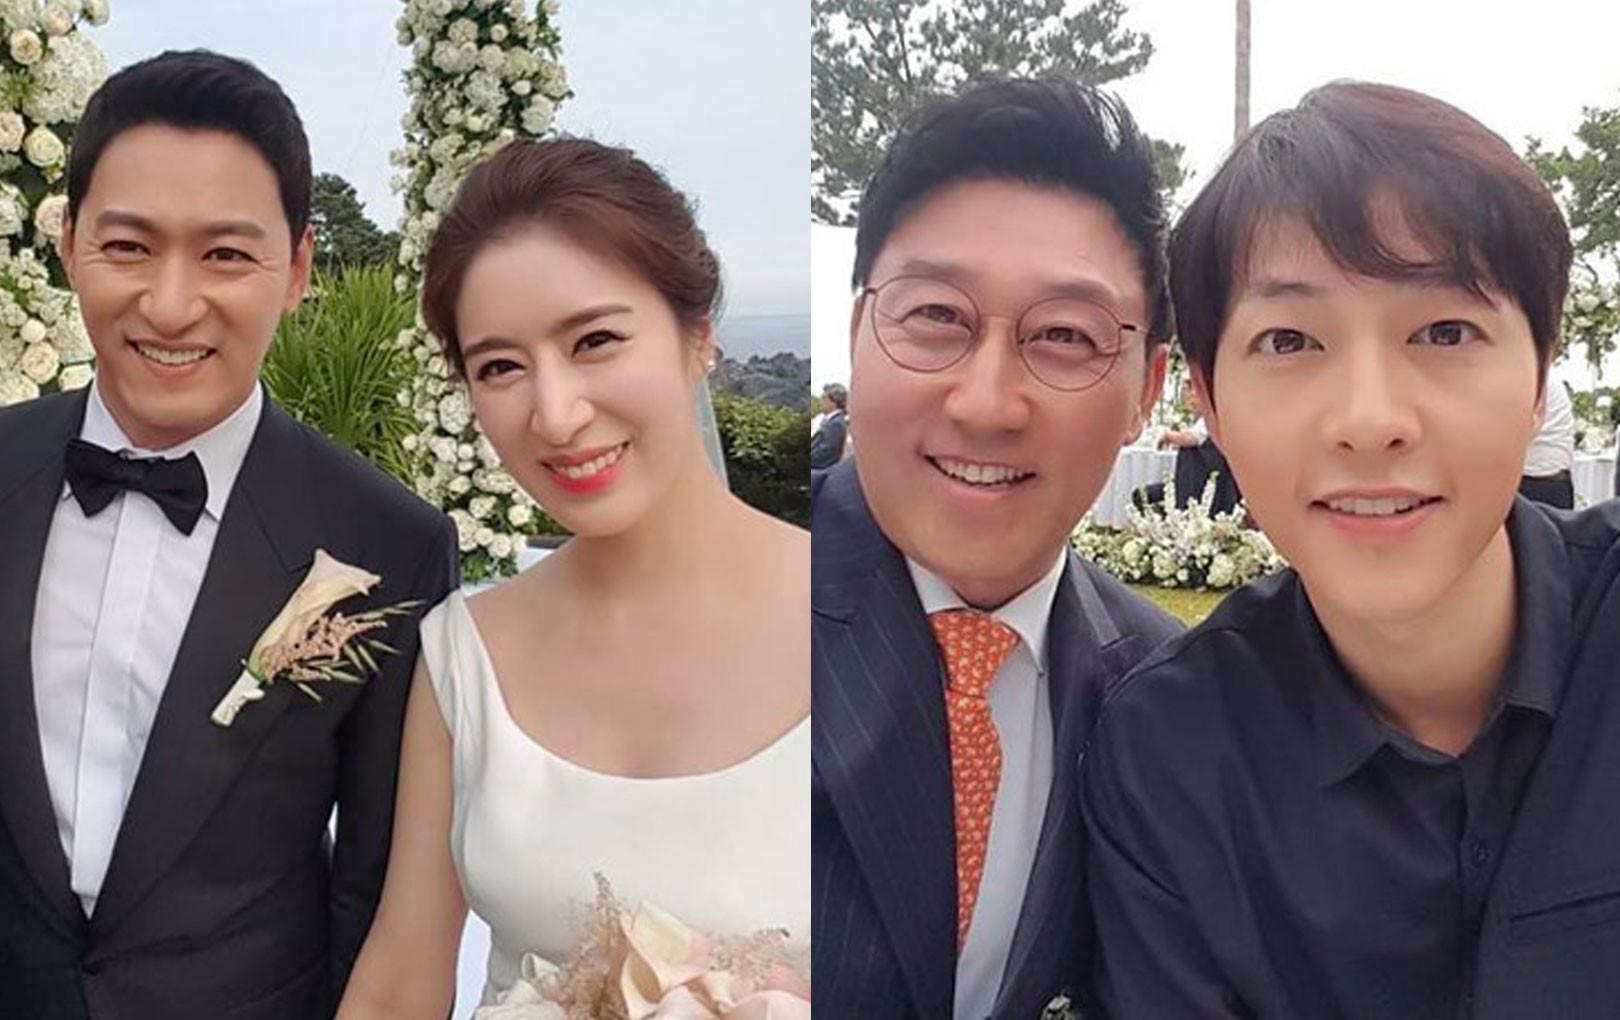 """Đám cưới khủng nhất Kbiz năm nay: Tài tử """"Sắc đẹp ngàn cân"""" cưới mỹ nhân, Song Joong Ki, Jang Dong Gun và dàn sao hội tụ"""